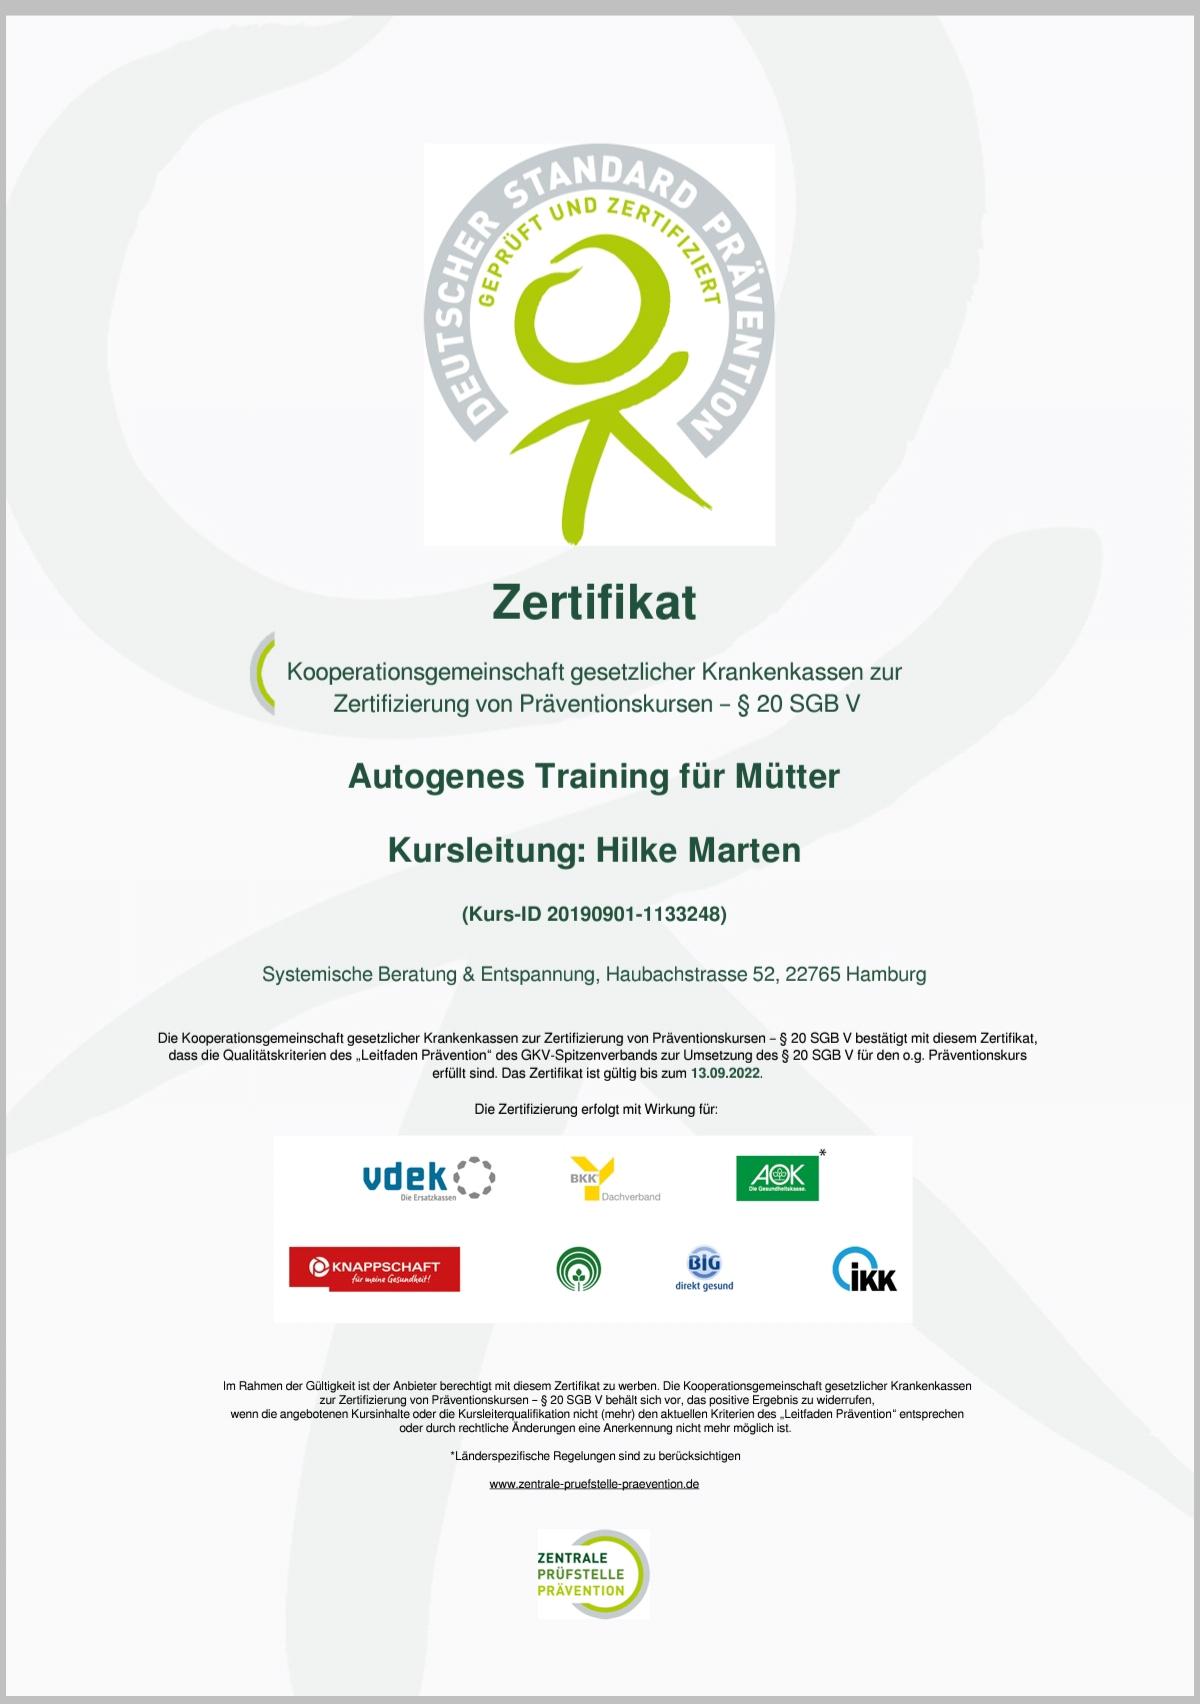 Autogenes Training für Mütter, zertifiziert